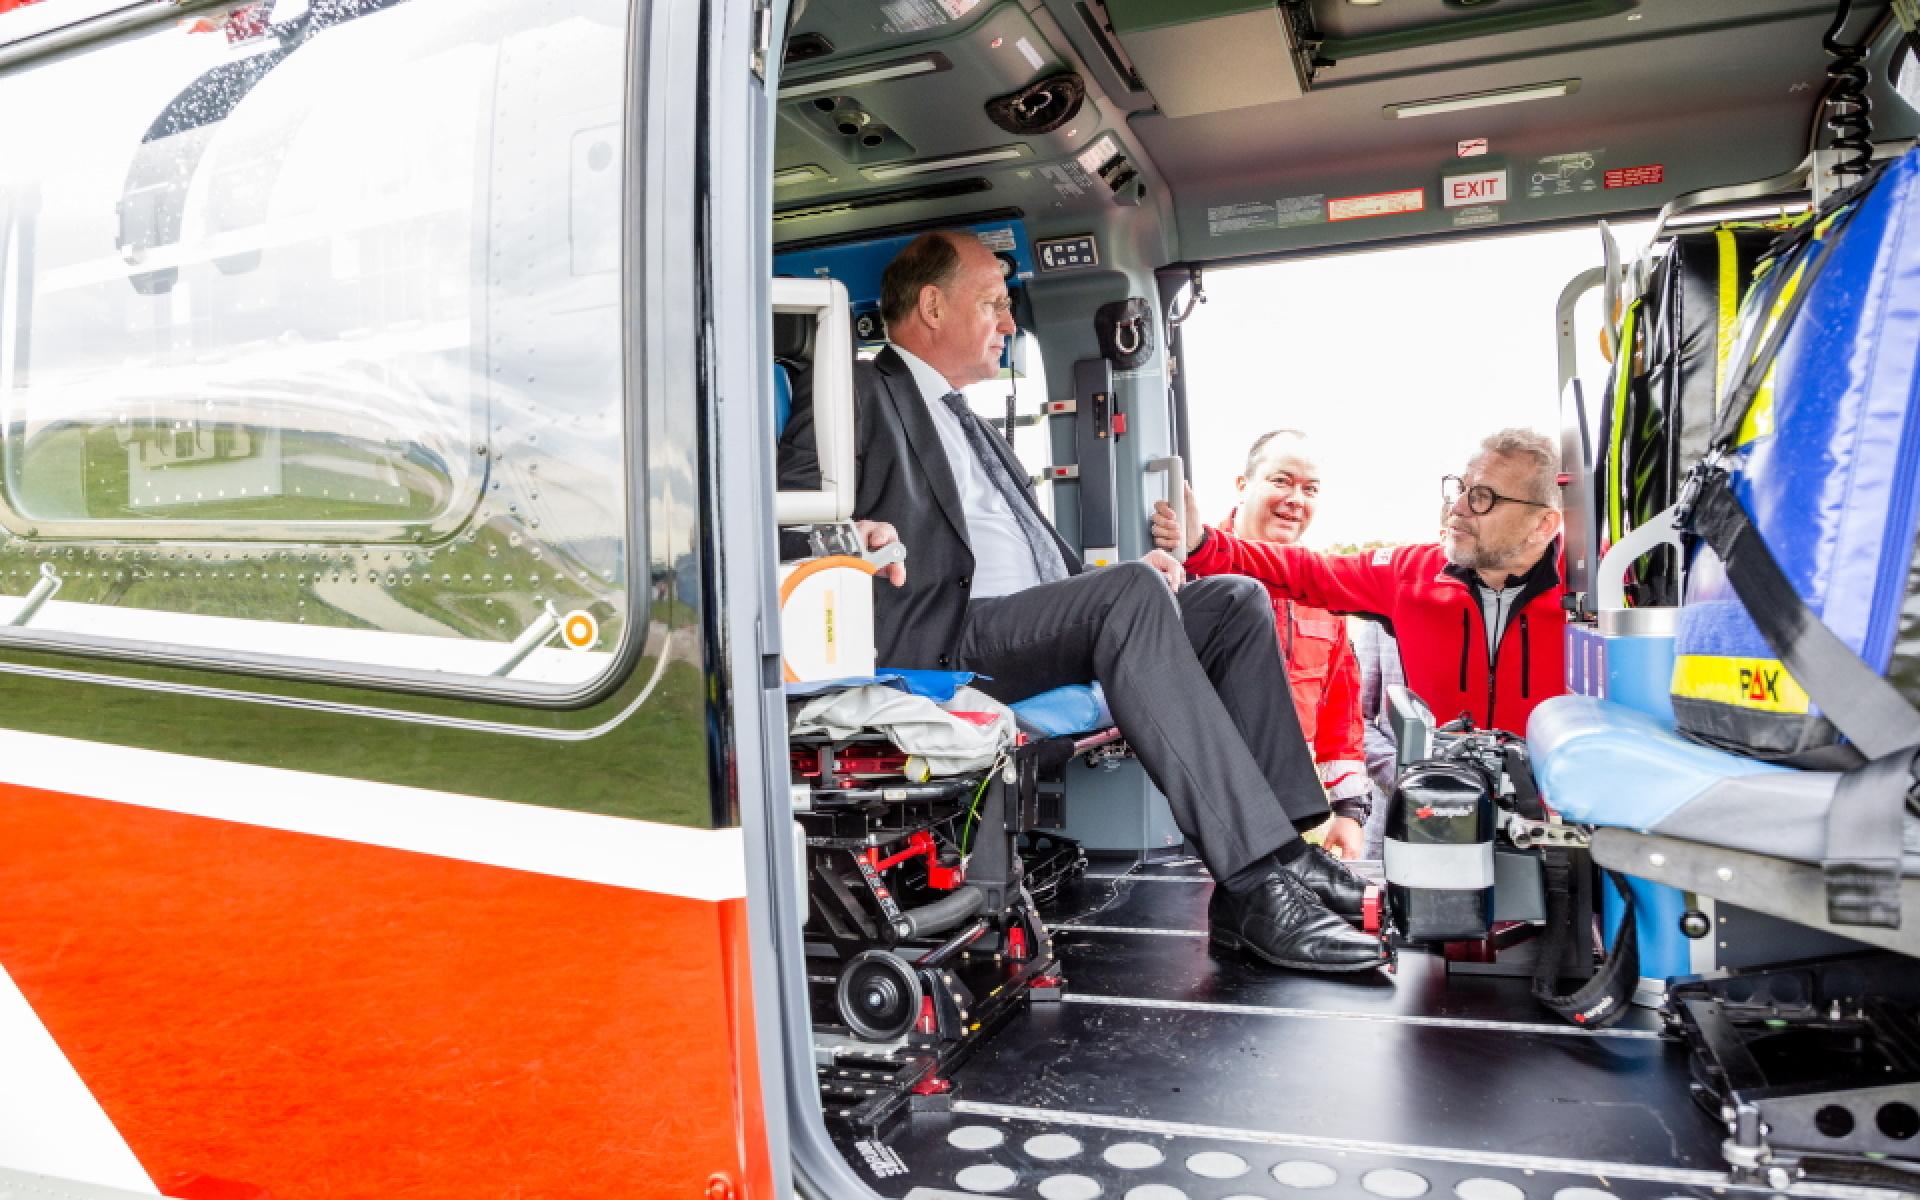 Staatssekretär Wilfried Klenk MdL aus dem Ministerium für Inneres, Digitalisierung und Migration Baden-Württemberg wirft einen Blick in das Innere der fliegenden Intensivstation.